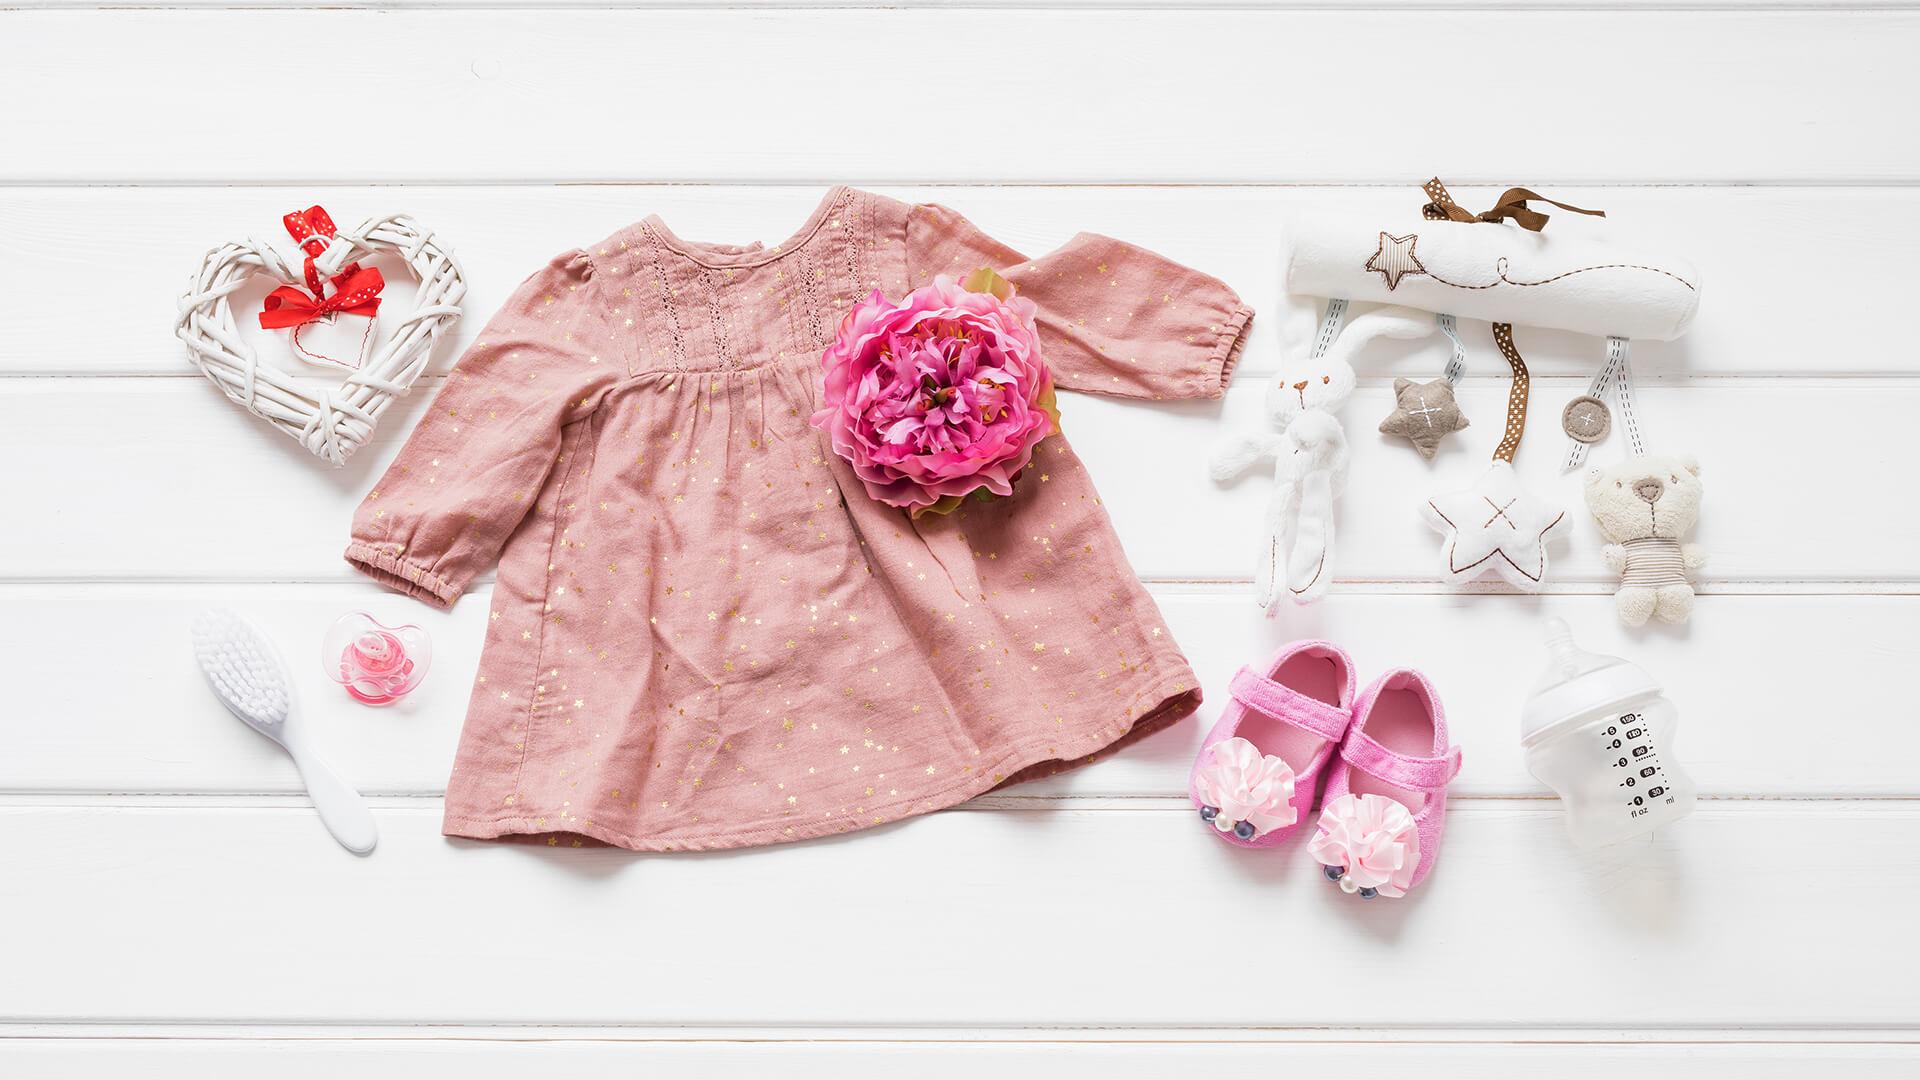 אודות חנות מוצרי תינוקות בייביזמול